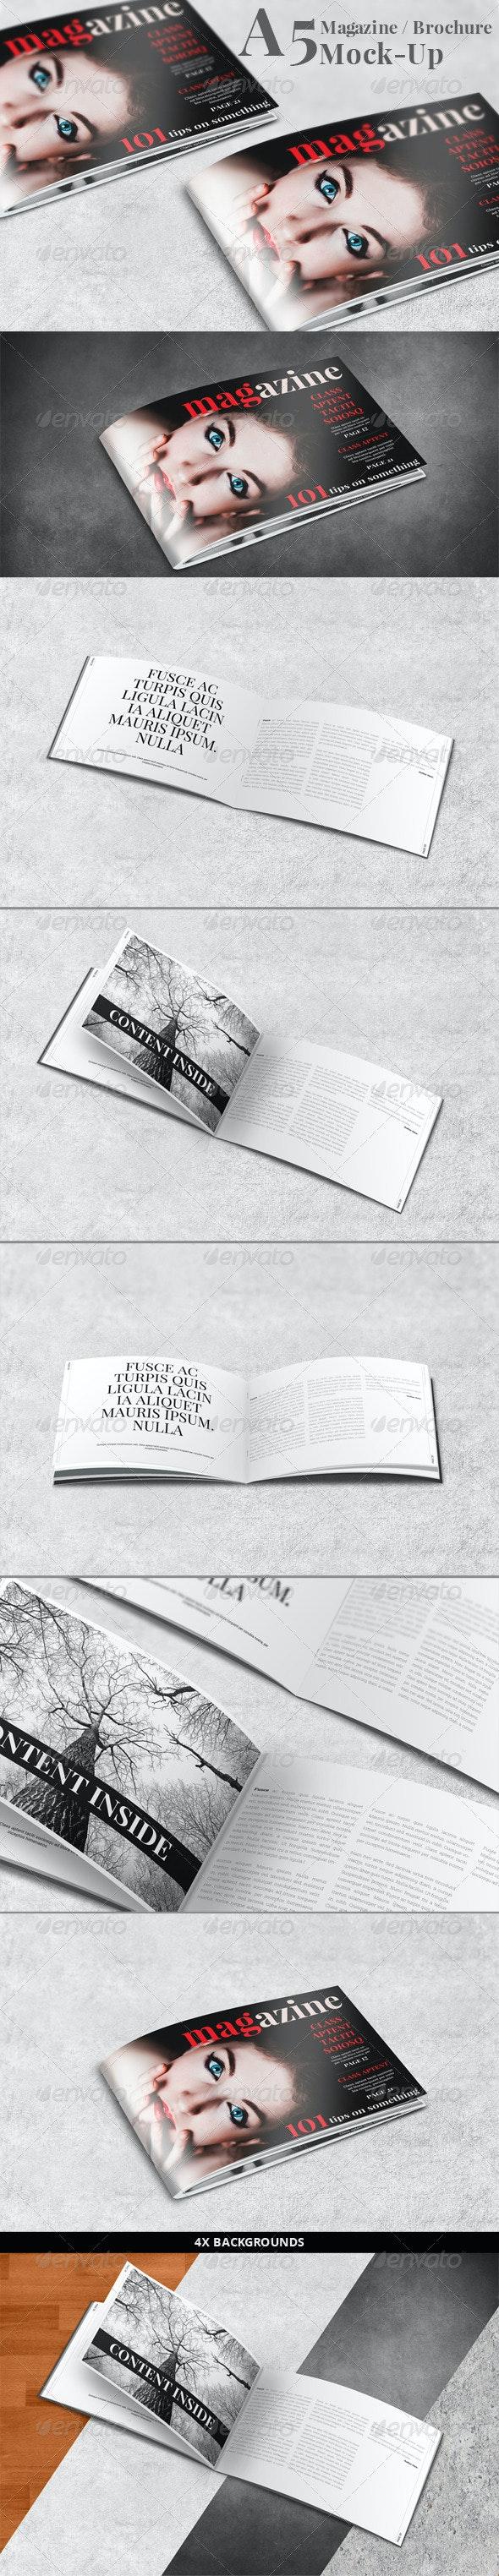 A5 Landscape Brochure / Magazine Mock-Up - Brochures Print